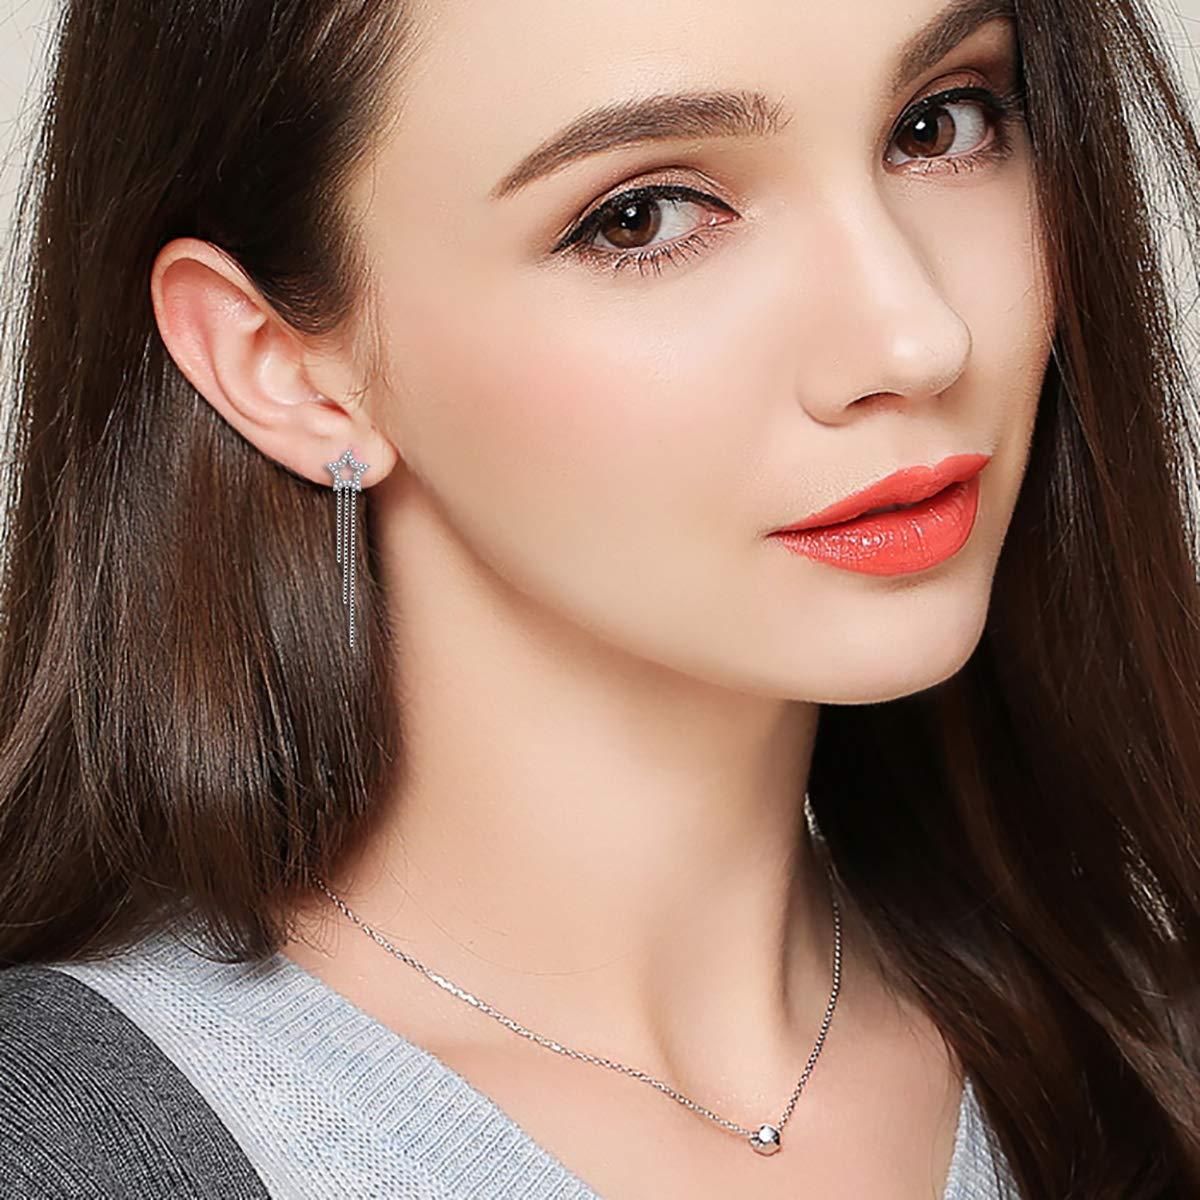 S925 Sterling Silver Dangle Drop Stud Earrings for Women Girl Gift